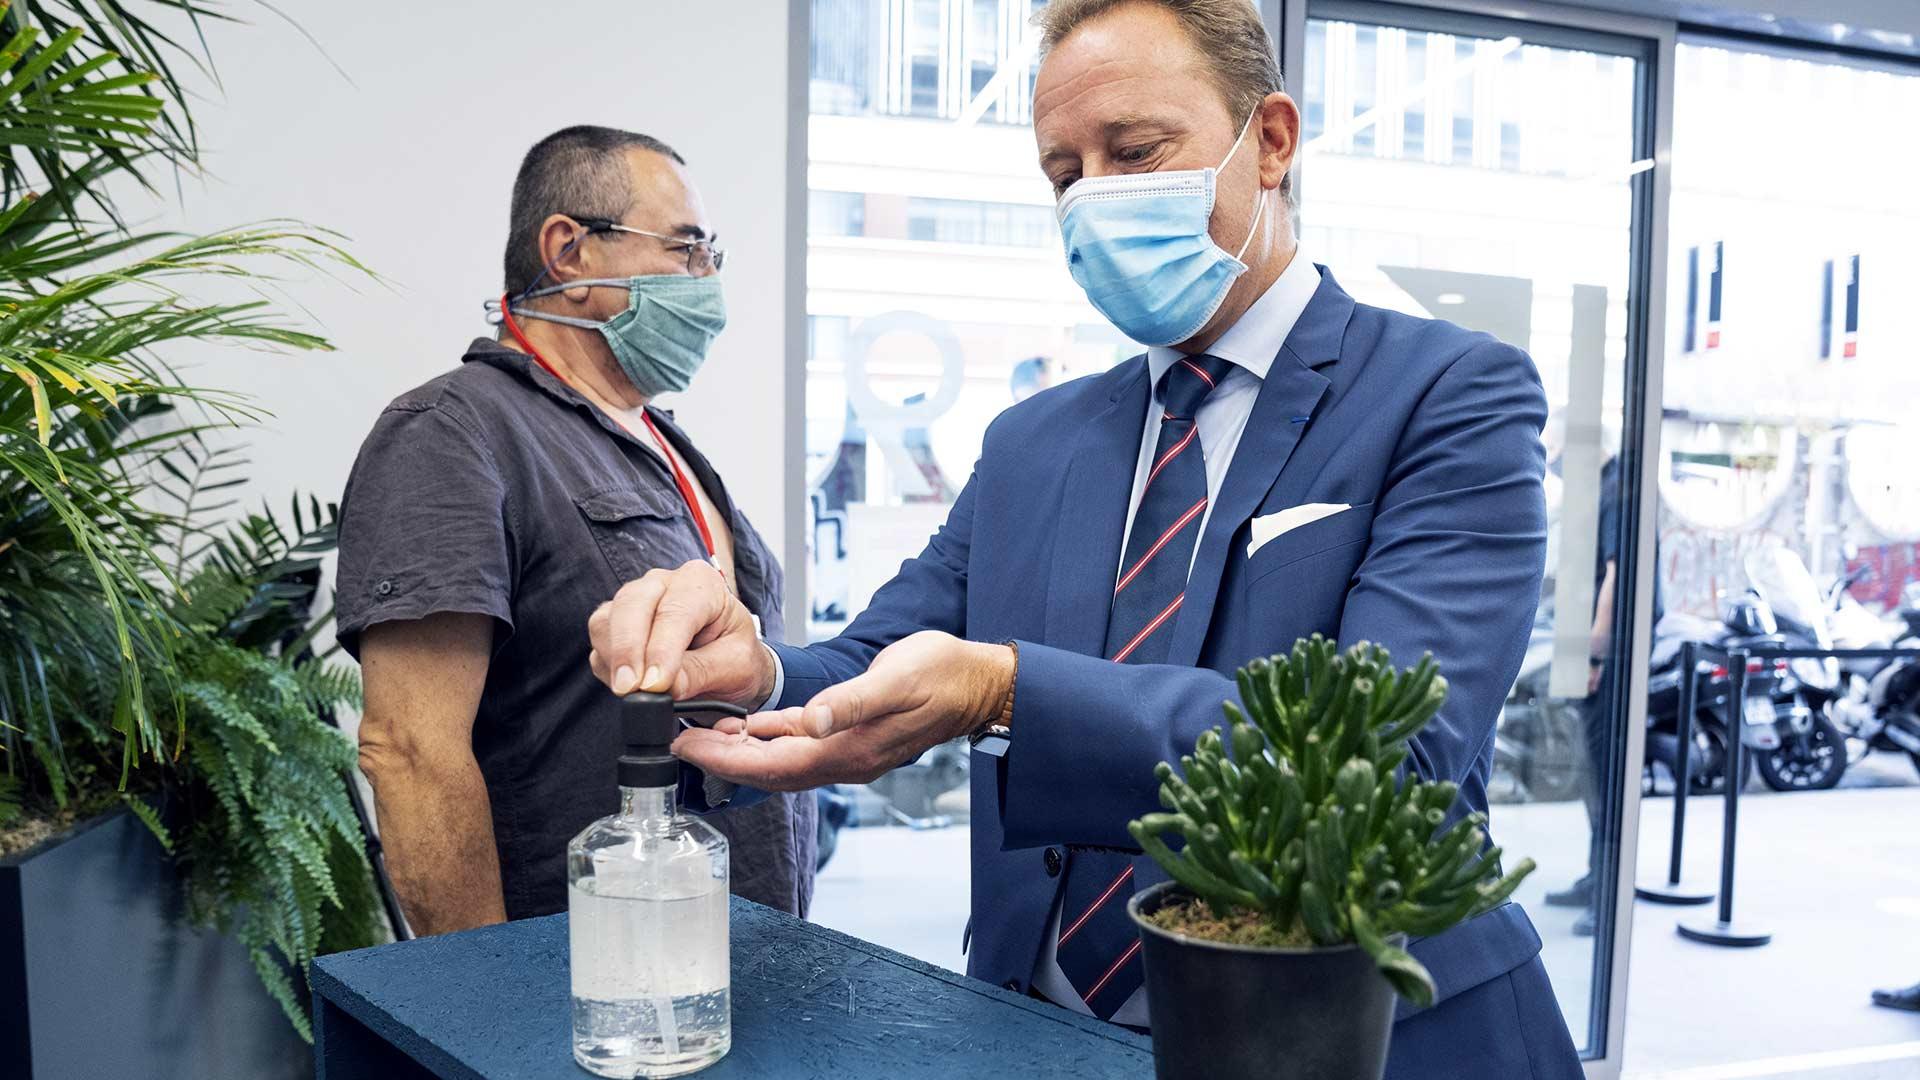 Les Trophées de l'Environnement édition 2020 visites gel hydroalcoolique